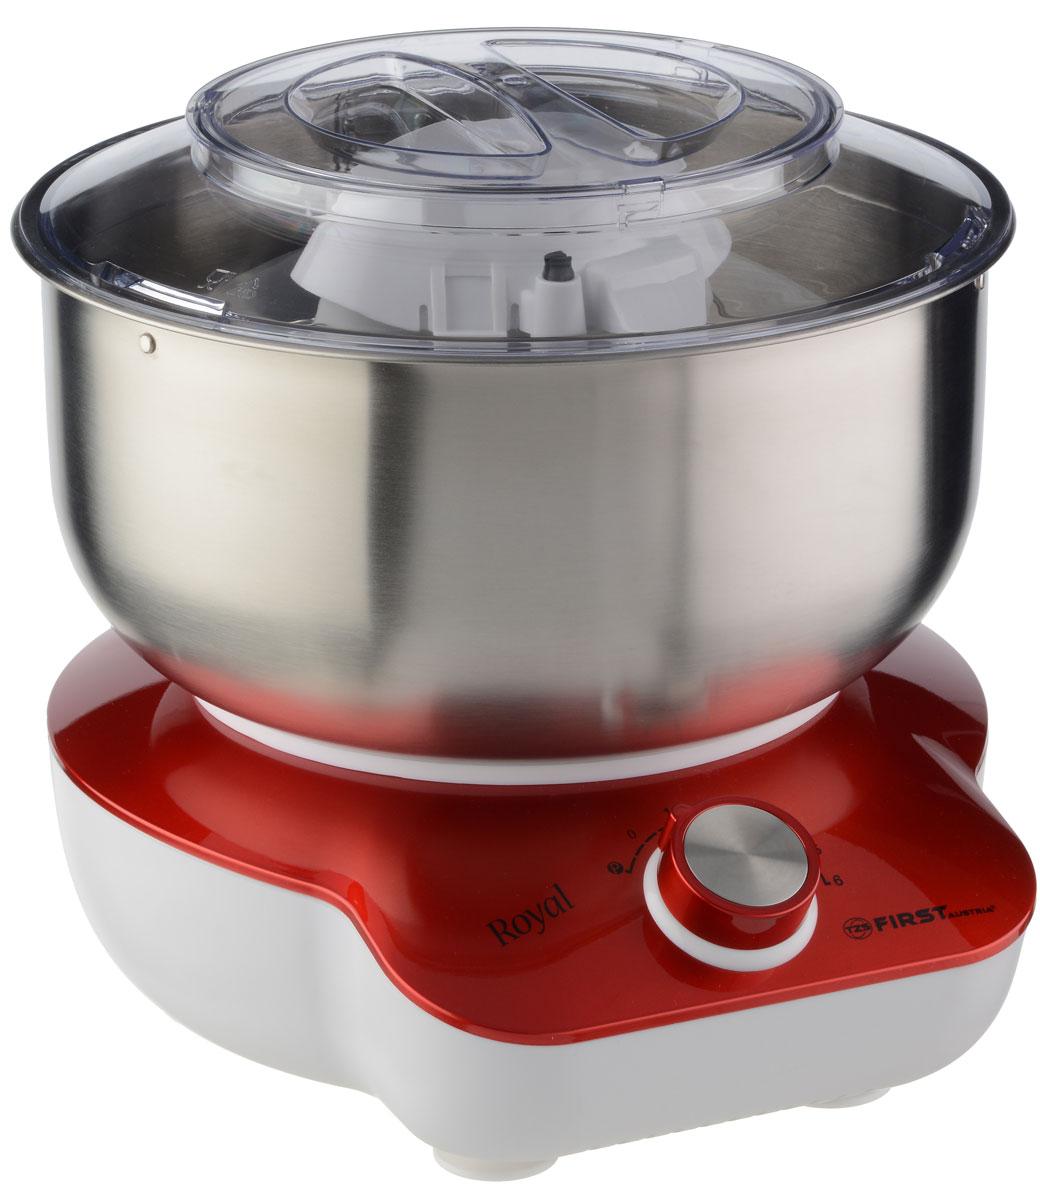 First FA-5259-2, Red миксер-тестомесFA-5259-2-REМиксер-тестомес First 5259-2 станет прекрасным помощником для любой хозяйки. С ним вы сможете готовить невероятно вкусные и аппетитные блюда, при этом сократив время их приготовления. Основным назначением прибора является изготовление различных видов теста и кремов. Тестомес качественно и быстро перемешивает различные ингредиенты, что дает возможность избежать комочков.First 5259-2 снабжен 5 л чашей из нержавеющей стали. 6 скоростей замешивания обеспечат наилучший результат.